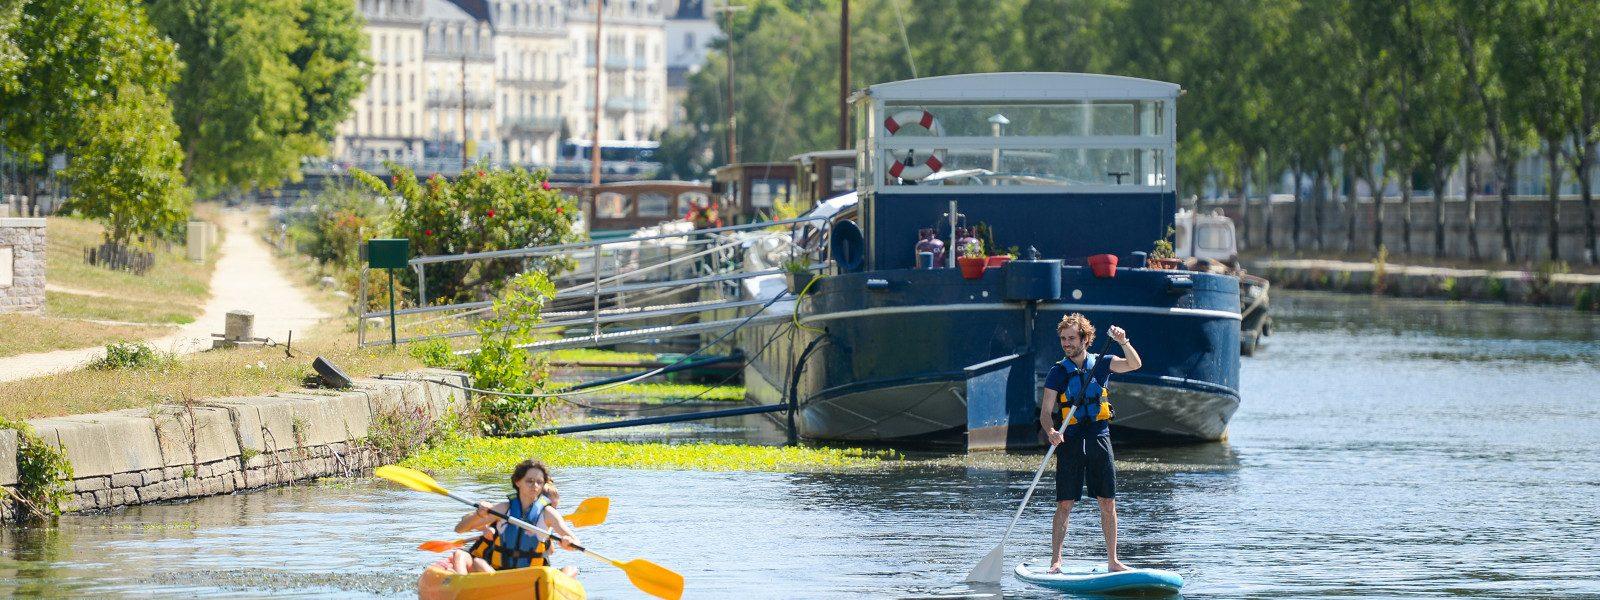 Location de paddle et de kayaks